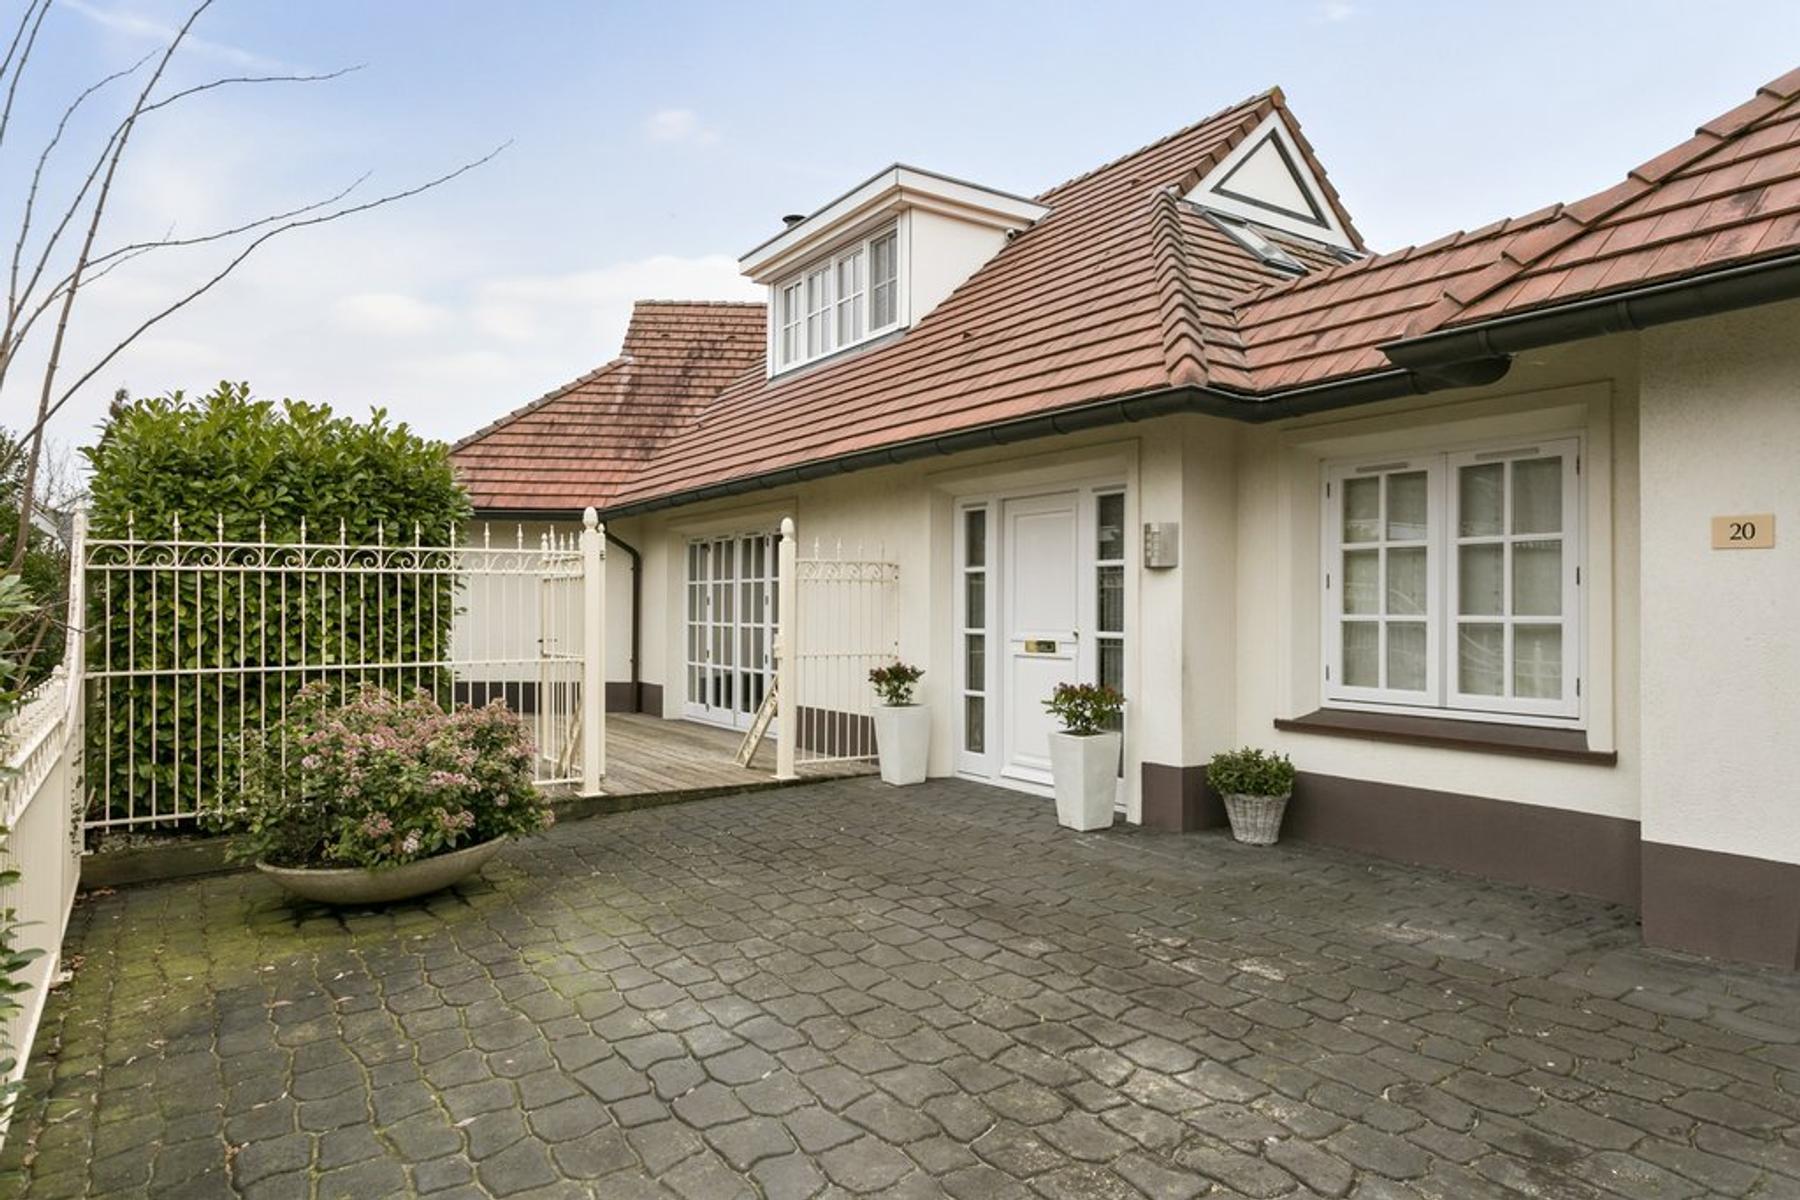 Alingastate 20 in Leeuwarden 8925 HP